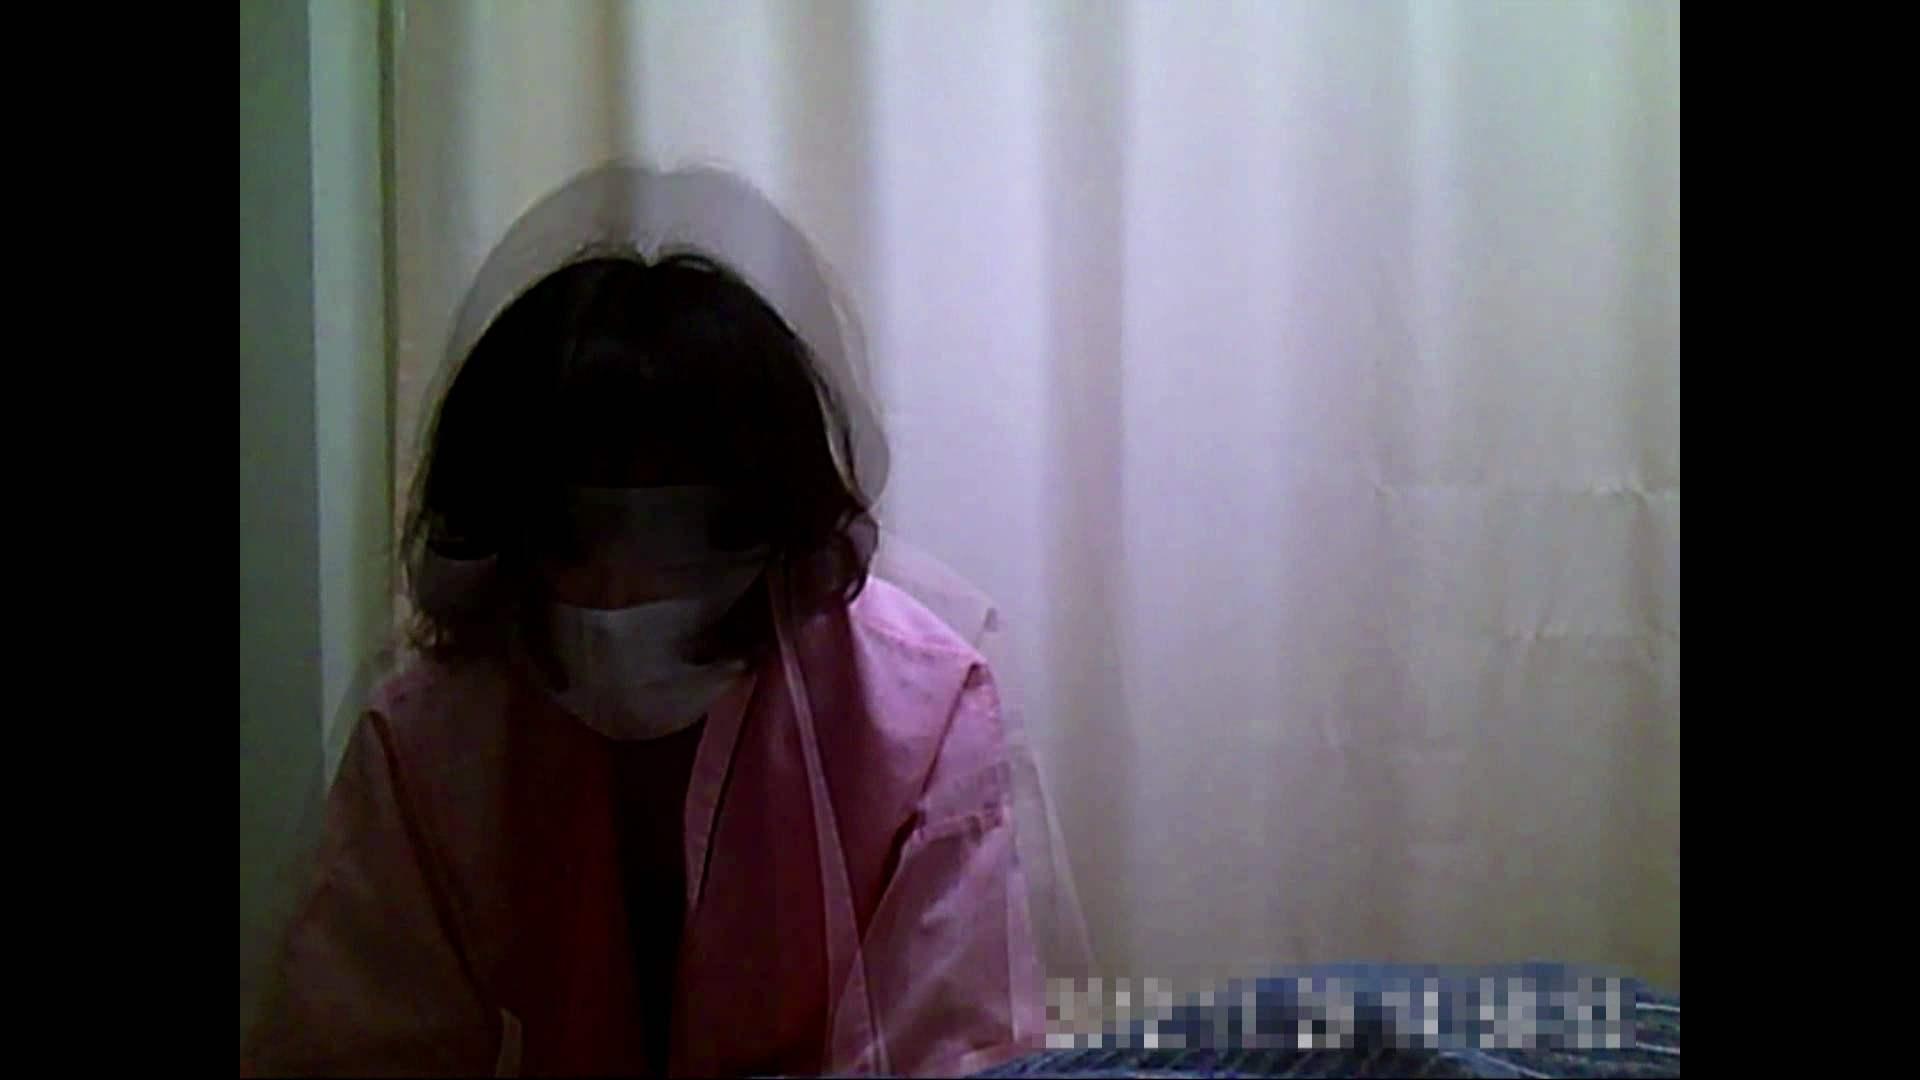 病院おもいっきり着替え! vol.164 OLヌード天国 ヌード画像 80PIX 79